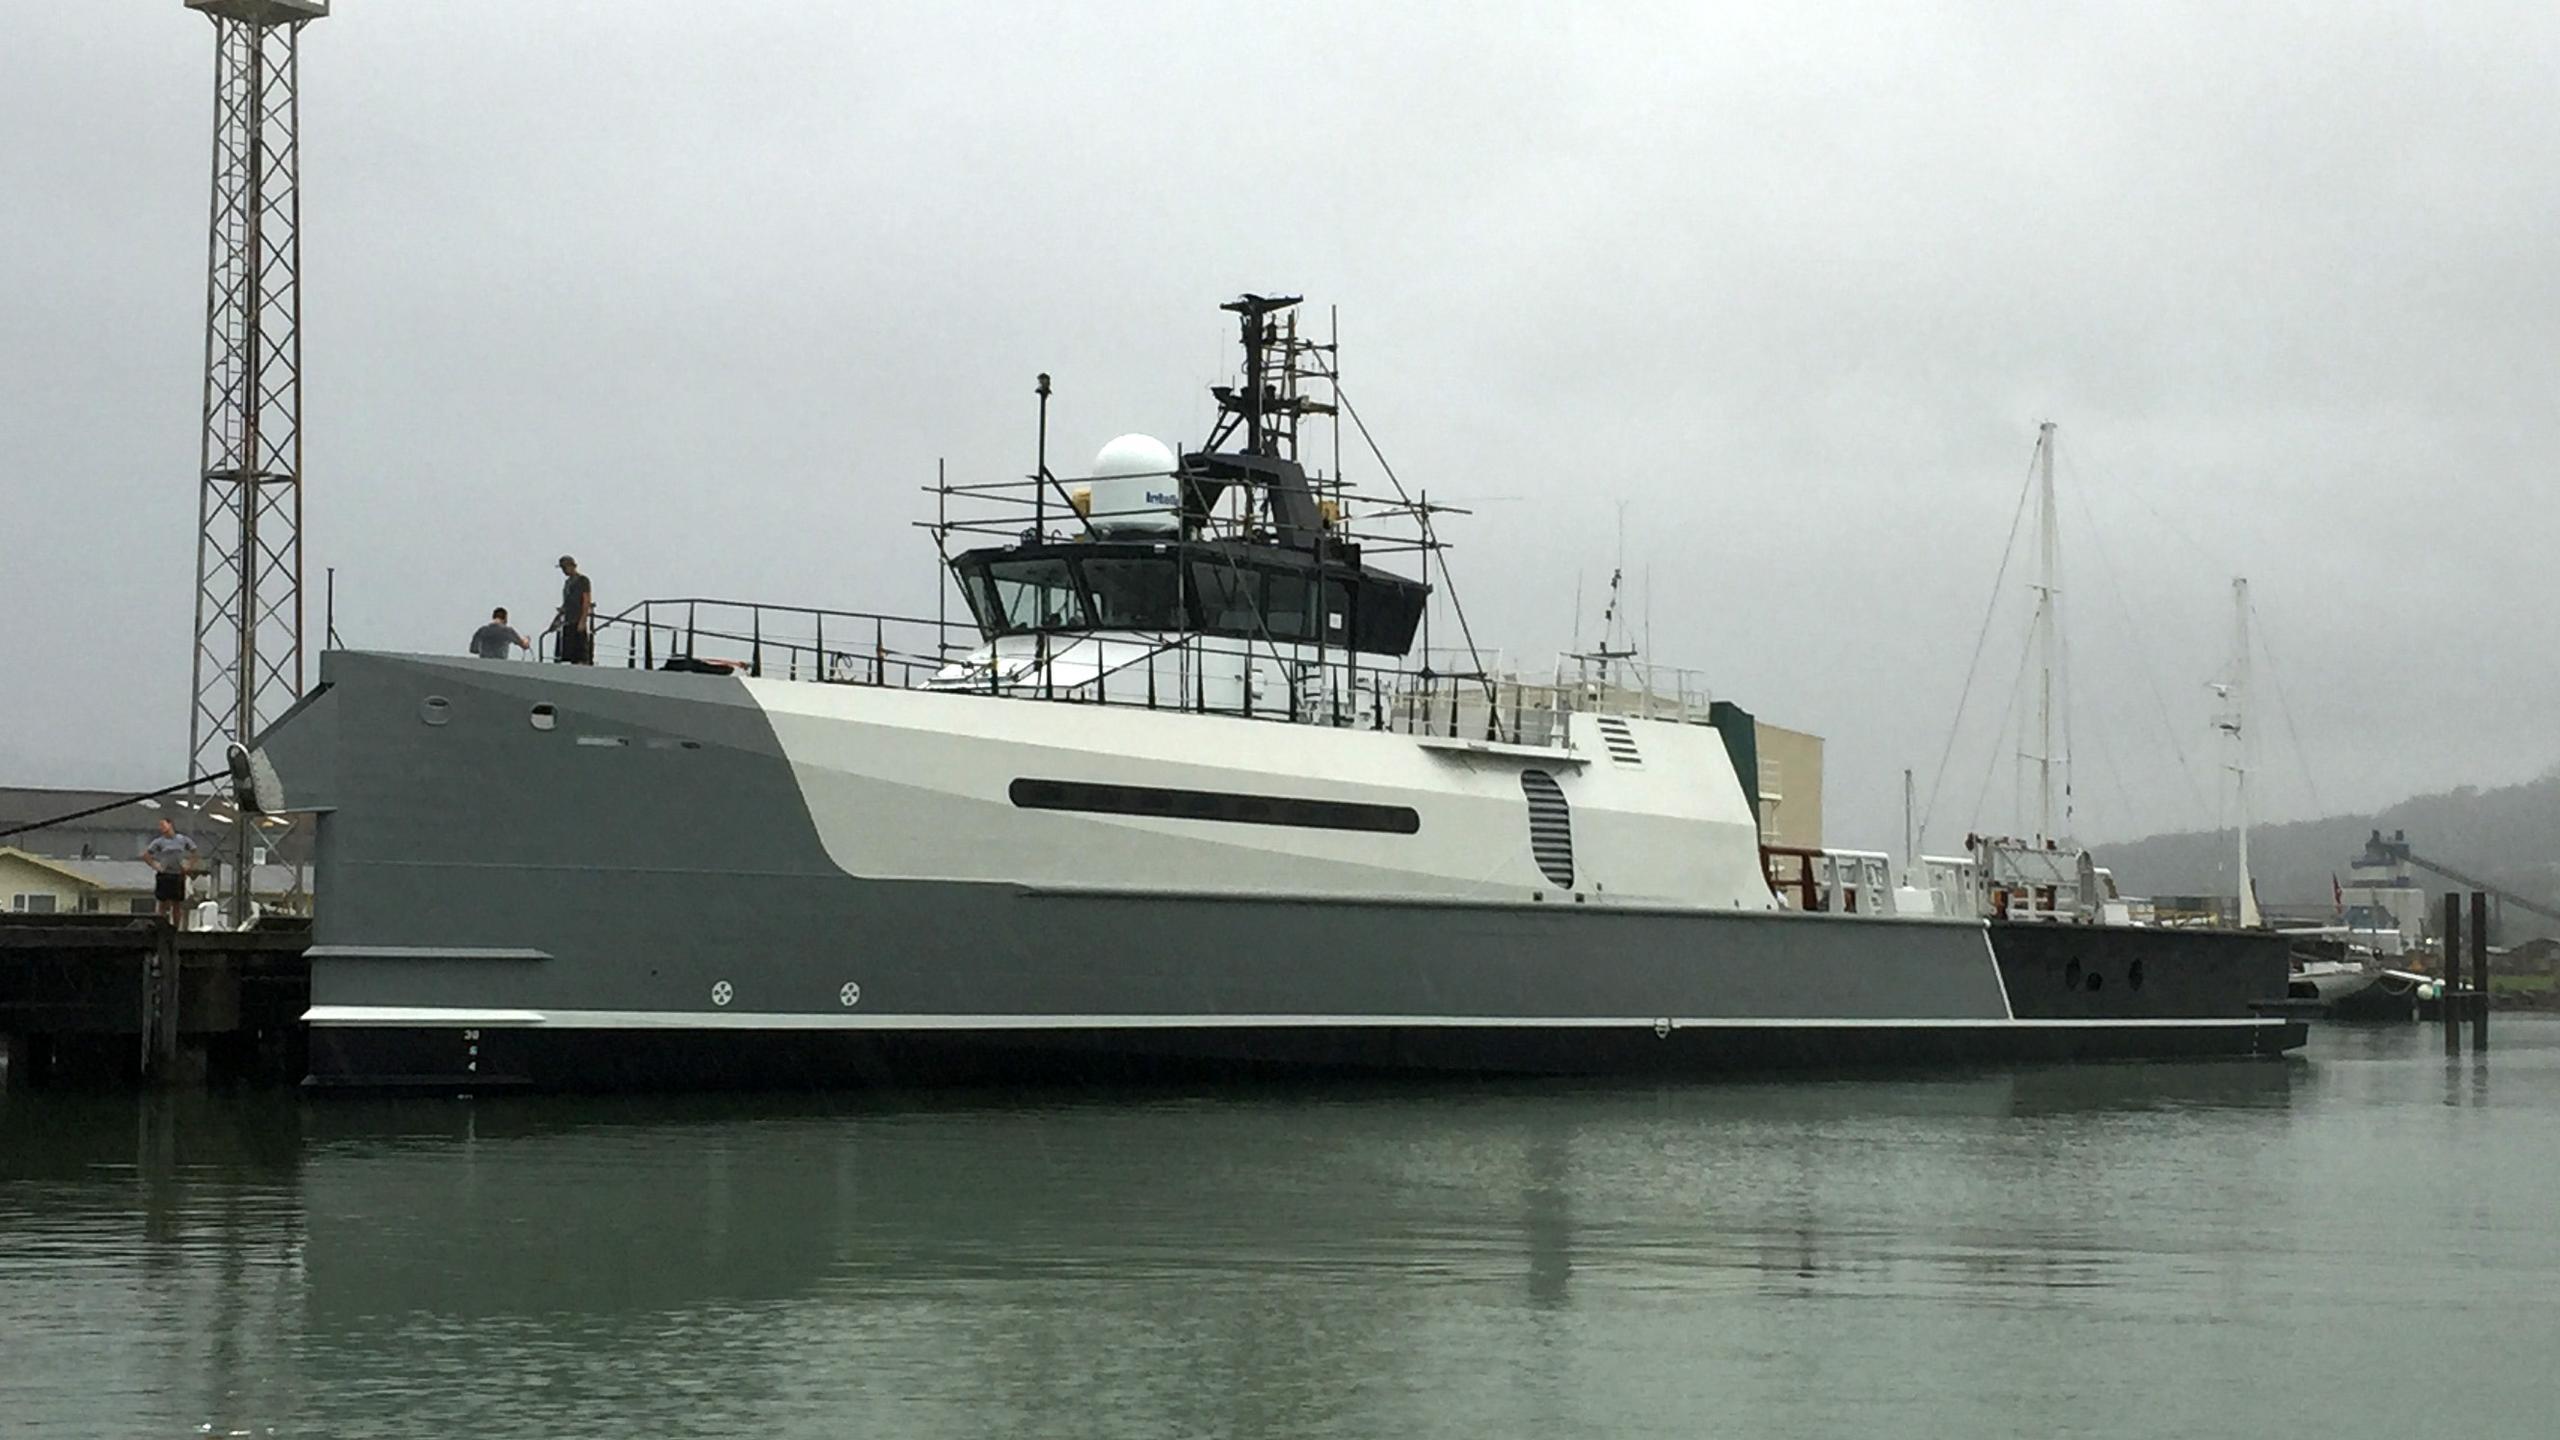 yacht-advantage-exterior